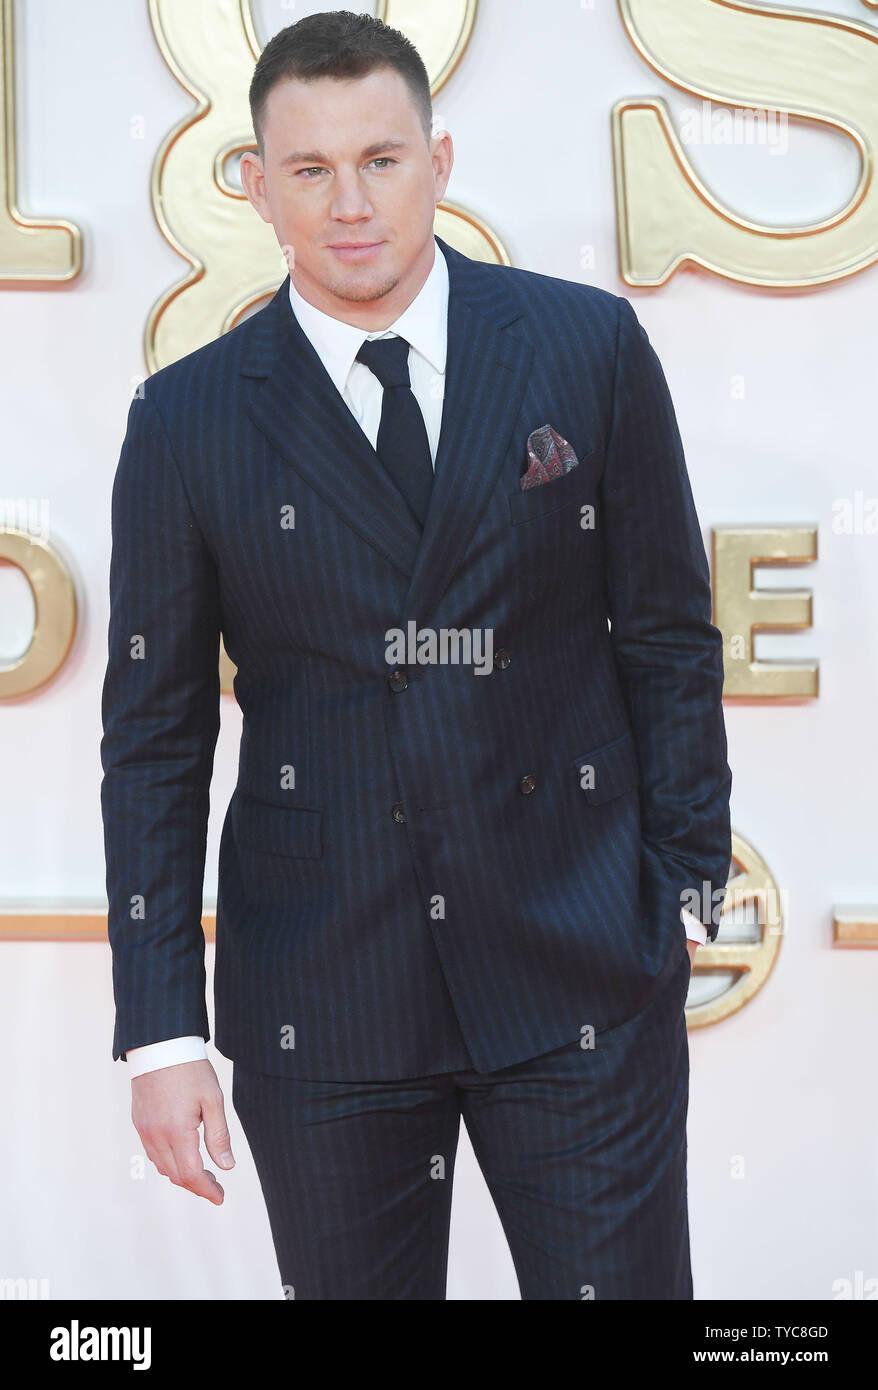 Amerikanischer Schauspieler Channing Tatum besucht die Premiere von kingsman: Der goldene Kreis im Odeon, Leicester Square in London am 18. September 2017. Foto von Rune Hellestad/UPI Stockbild